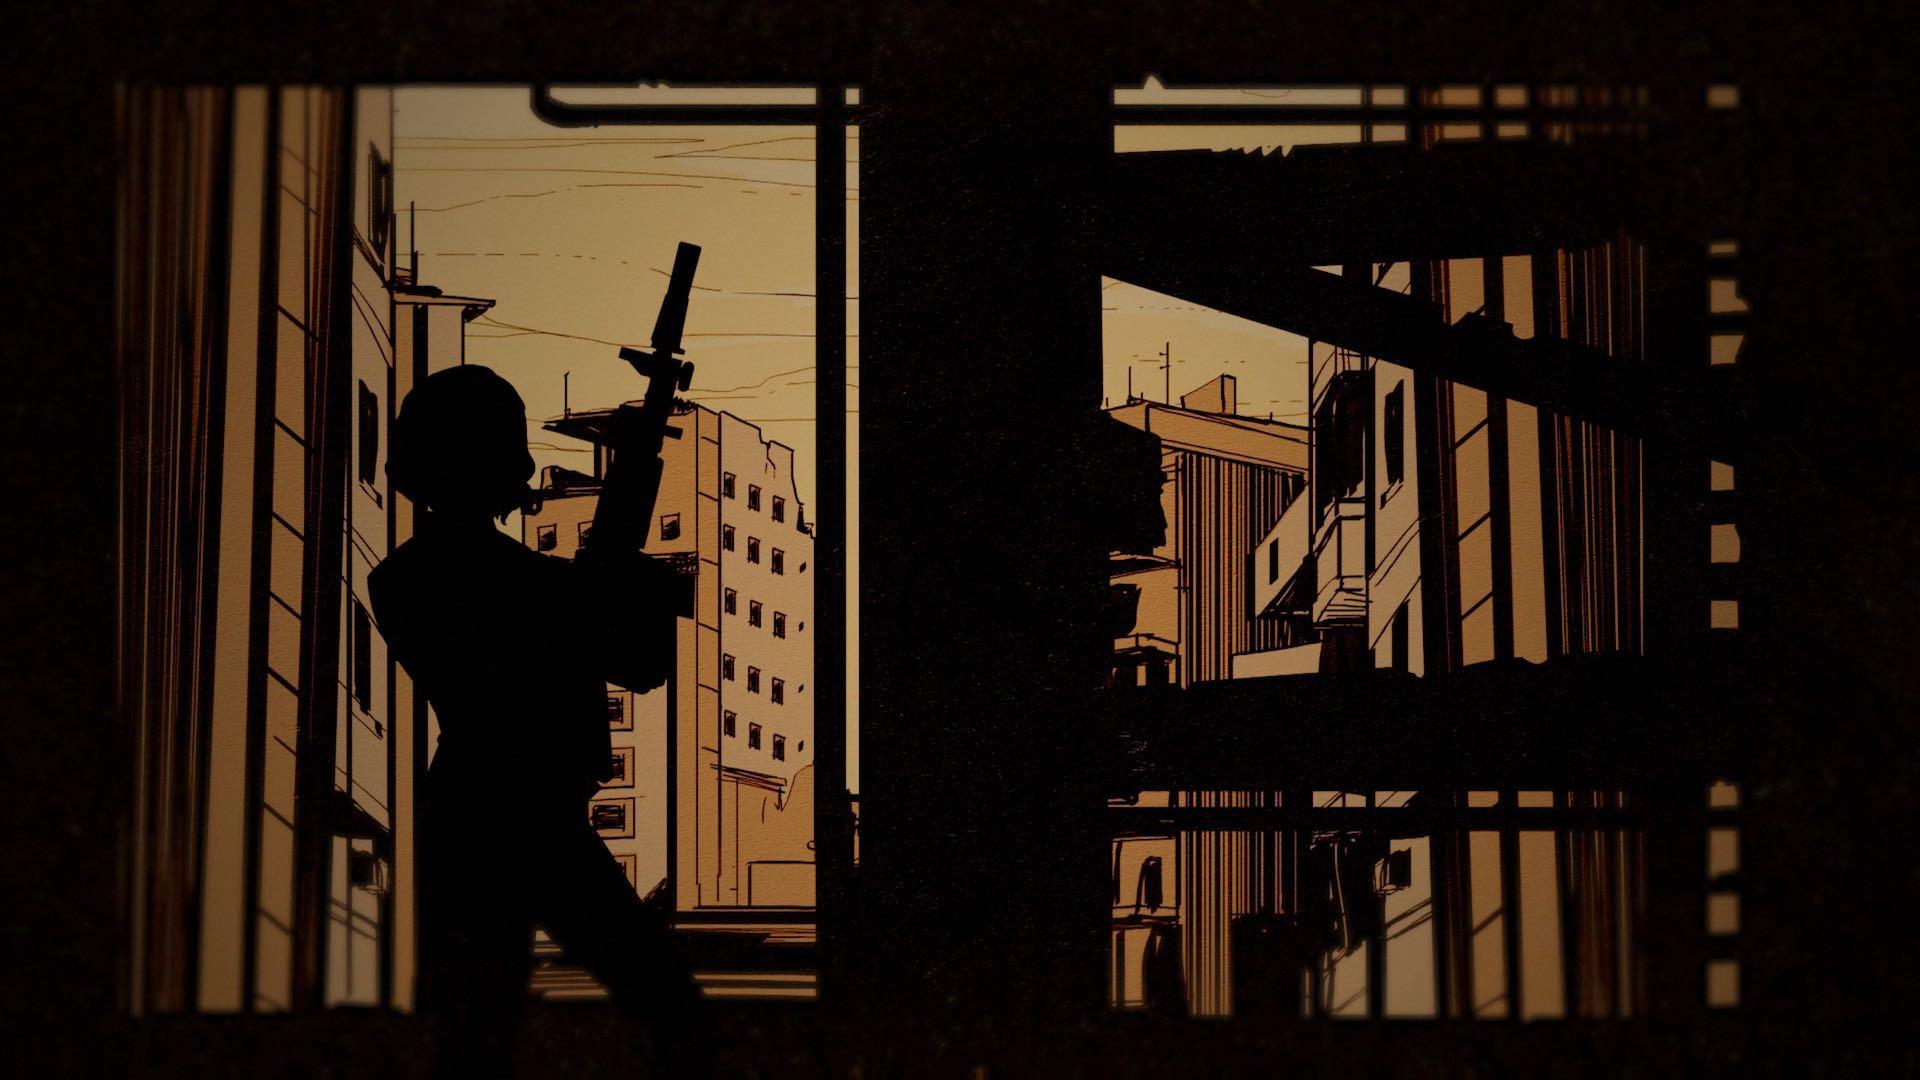 Wolfenstein II: The Freedom Chronicles – à l'ouest, rien de nouveau